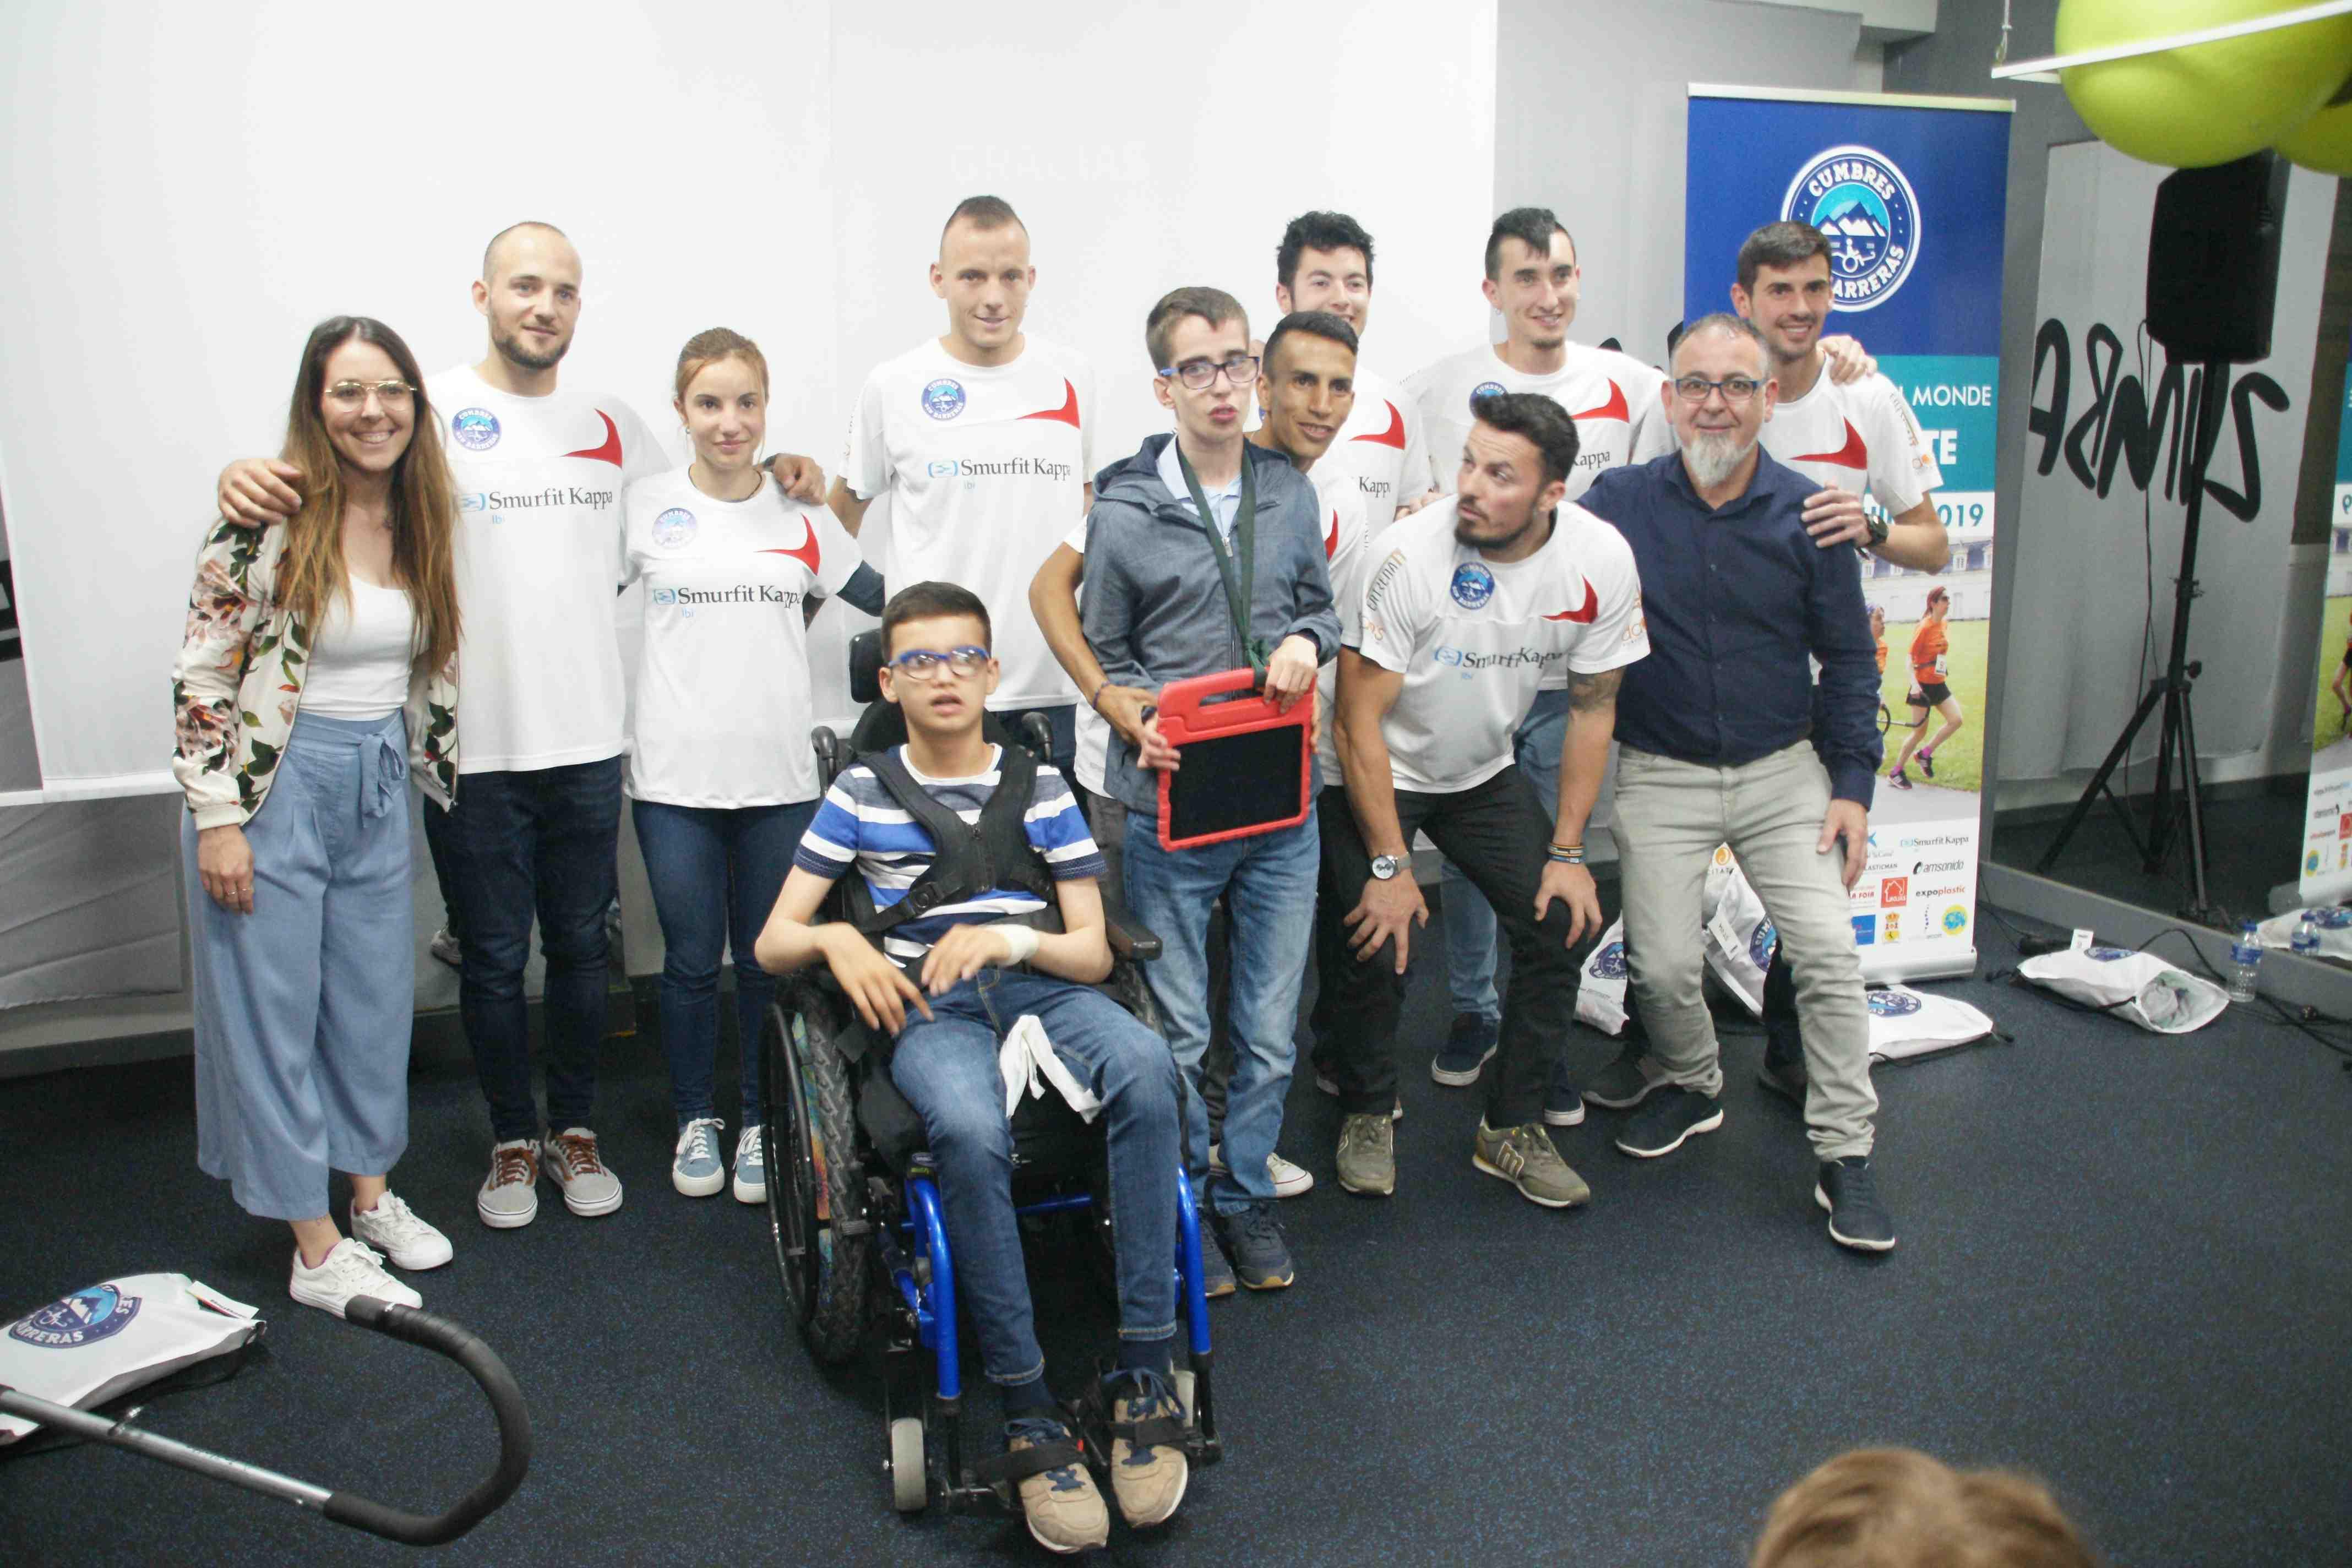 L'equip de Cumbres sin Barreras competix en el Campionat del Món a França gràcies al suport de diverses empreses de la comarca